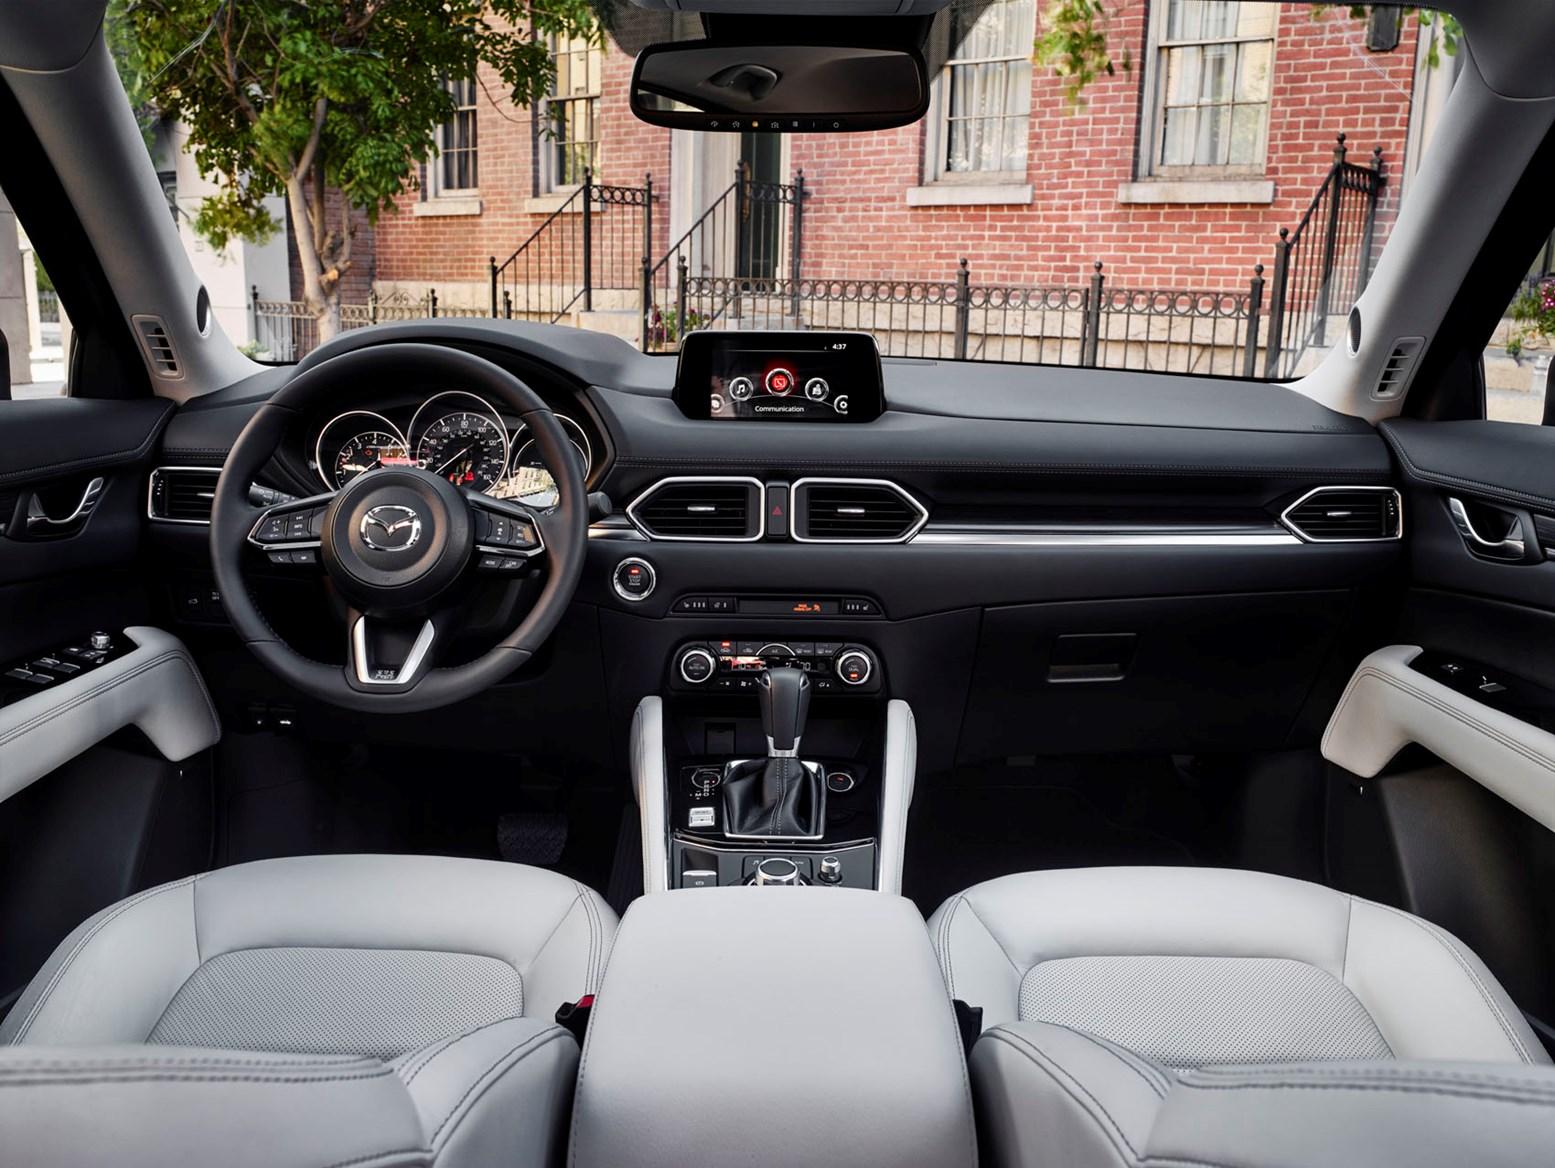 ... Mazda 2017 CX 5 SUV Interior Detail ...